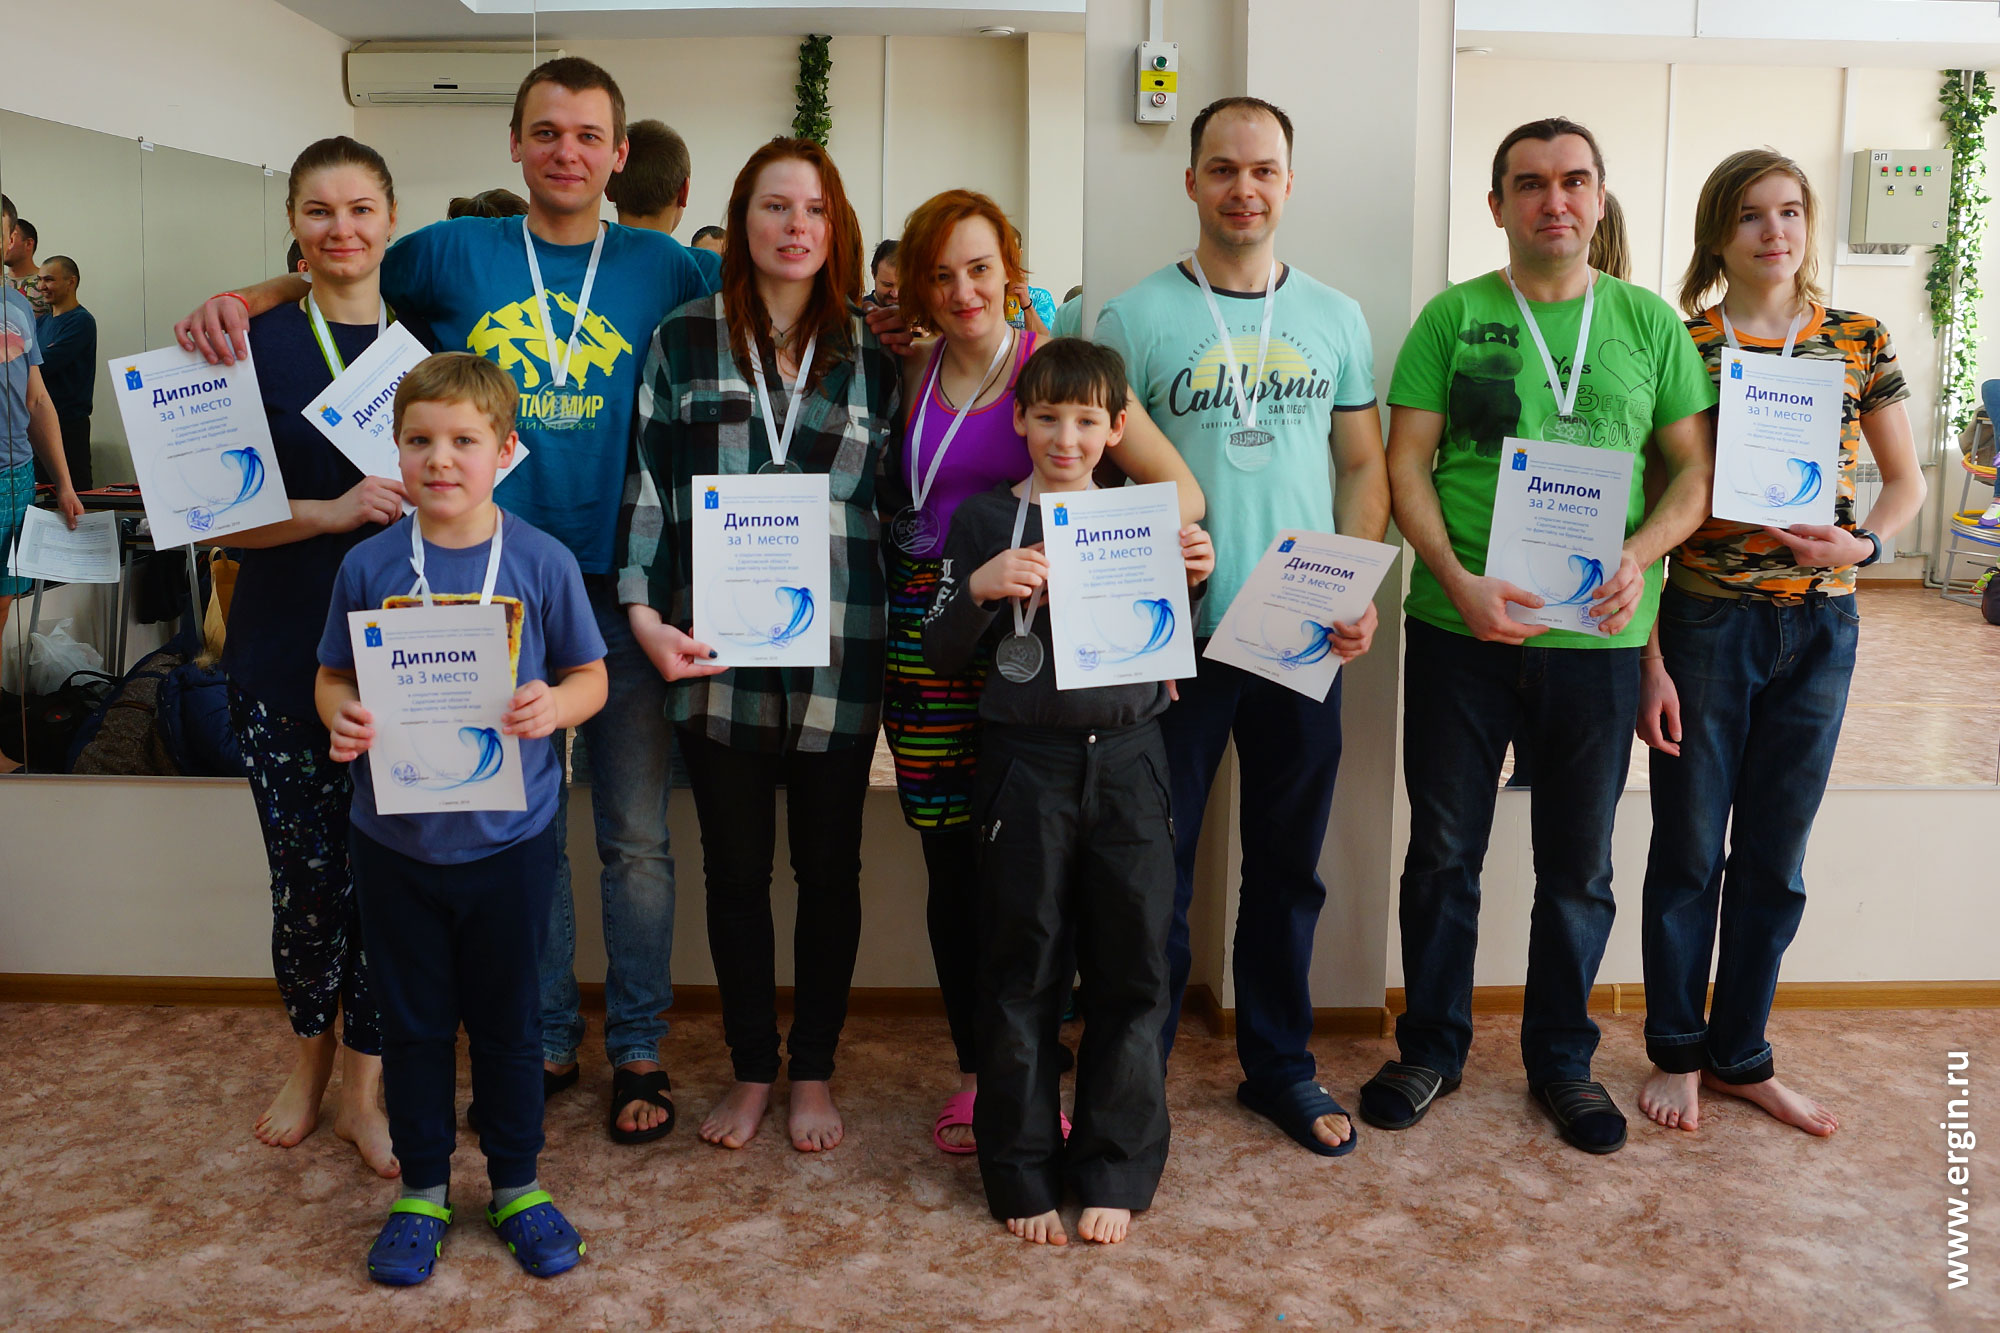 Призеры Чемпионата и Первенства Саратовской области по фристайл-каякингу